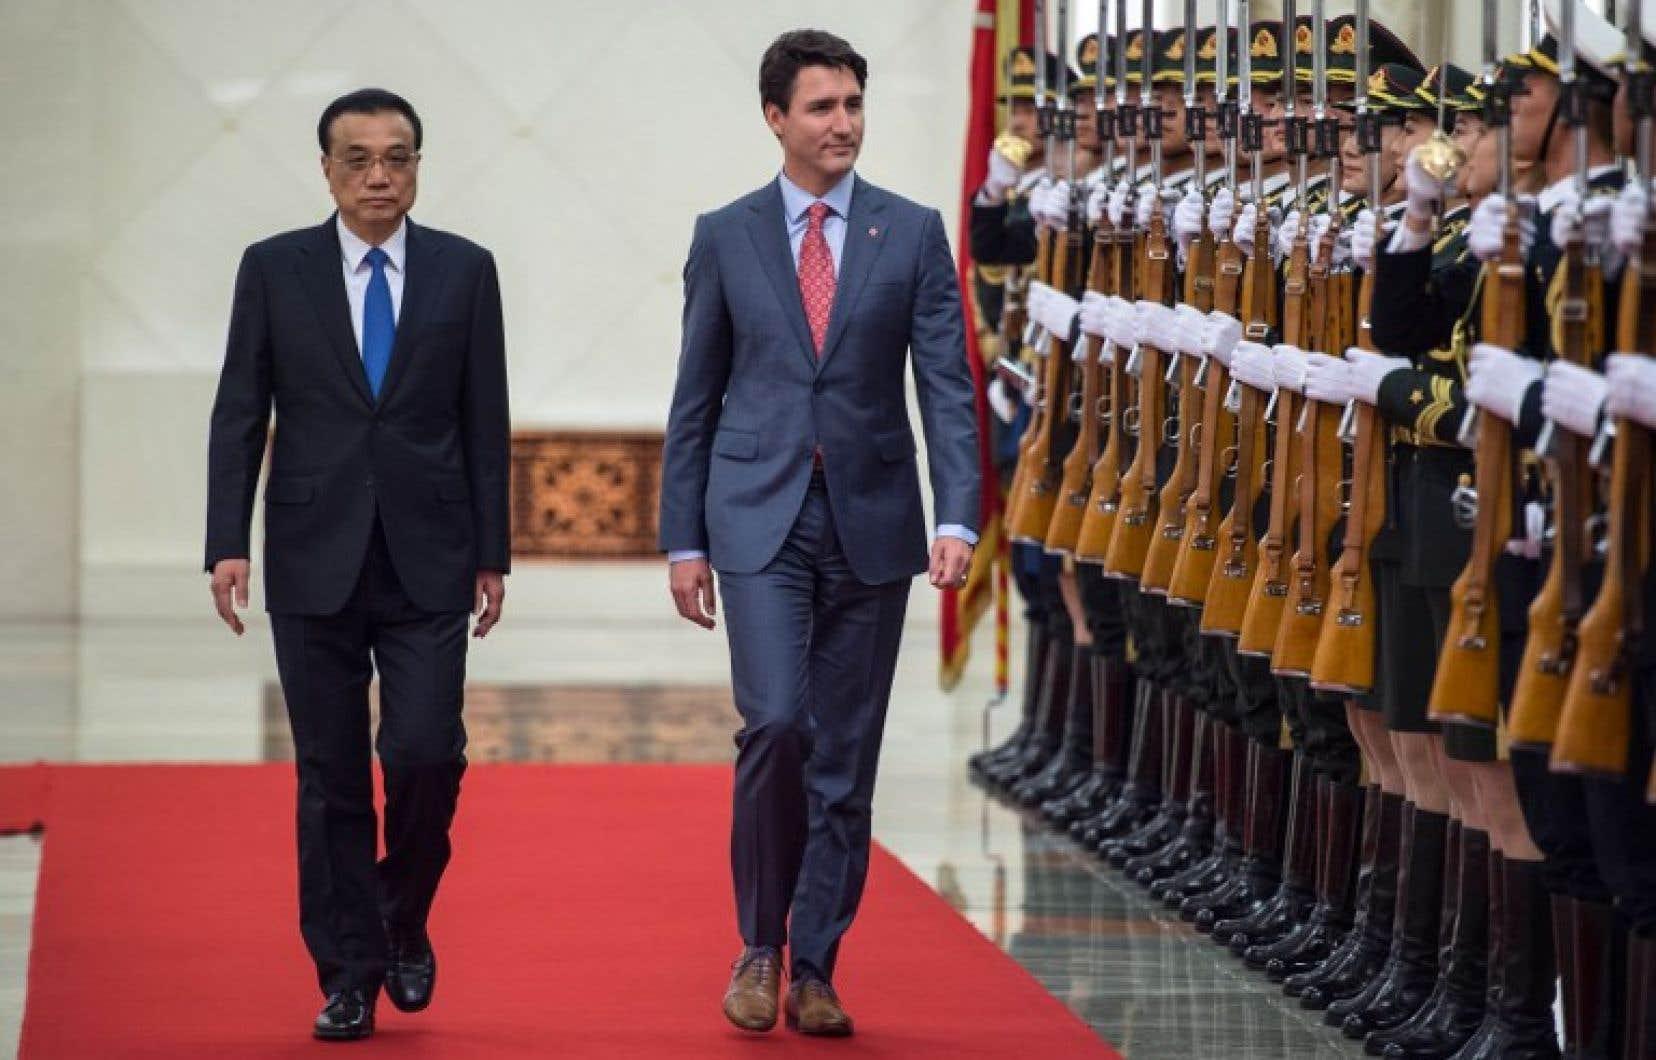 Le premier ministre Justin Trudeau et son homologue chinois Li Keqiang